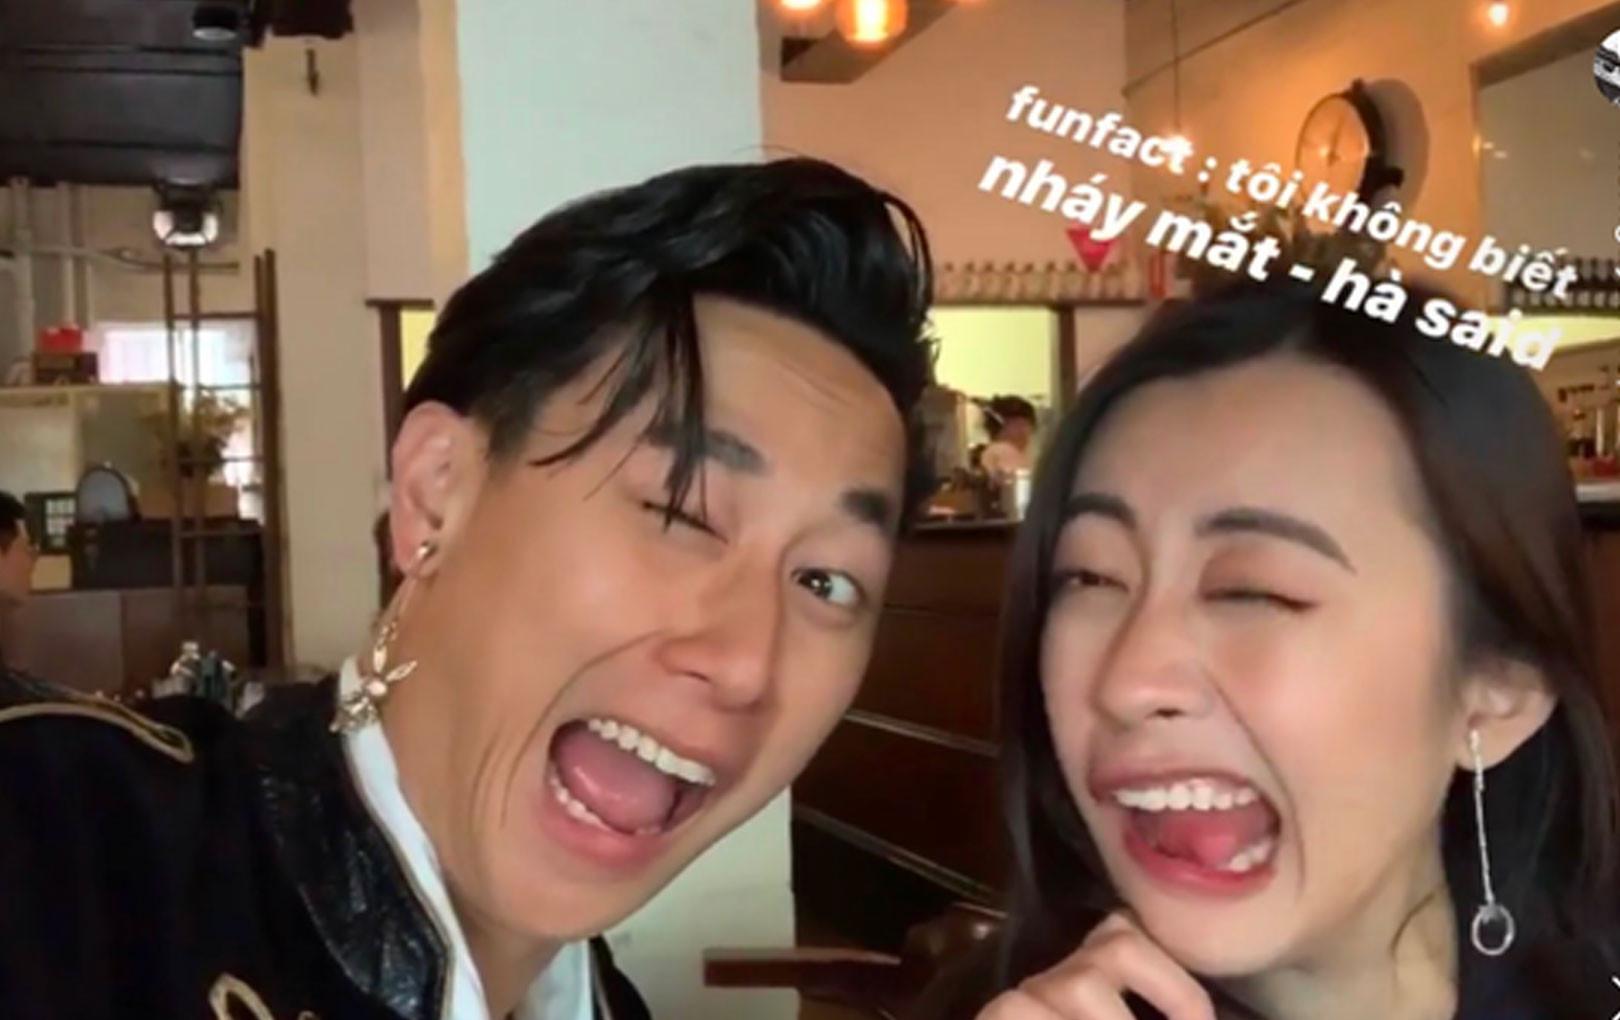 Chán lãng mạn, ngọt ngào Rocker Nguyễn nhí nhố dìm hàng bạn gái không tiếc tay